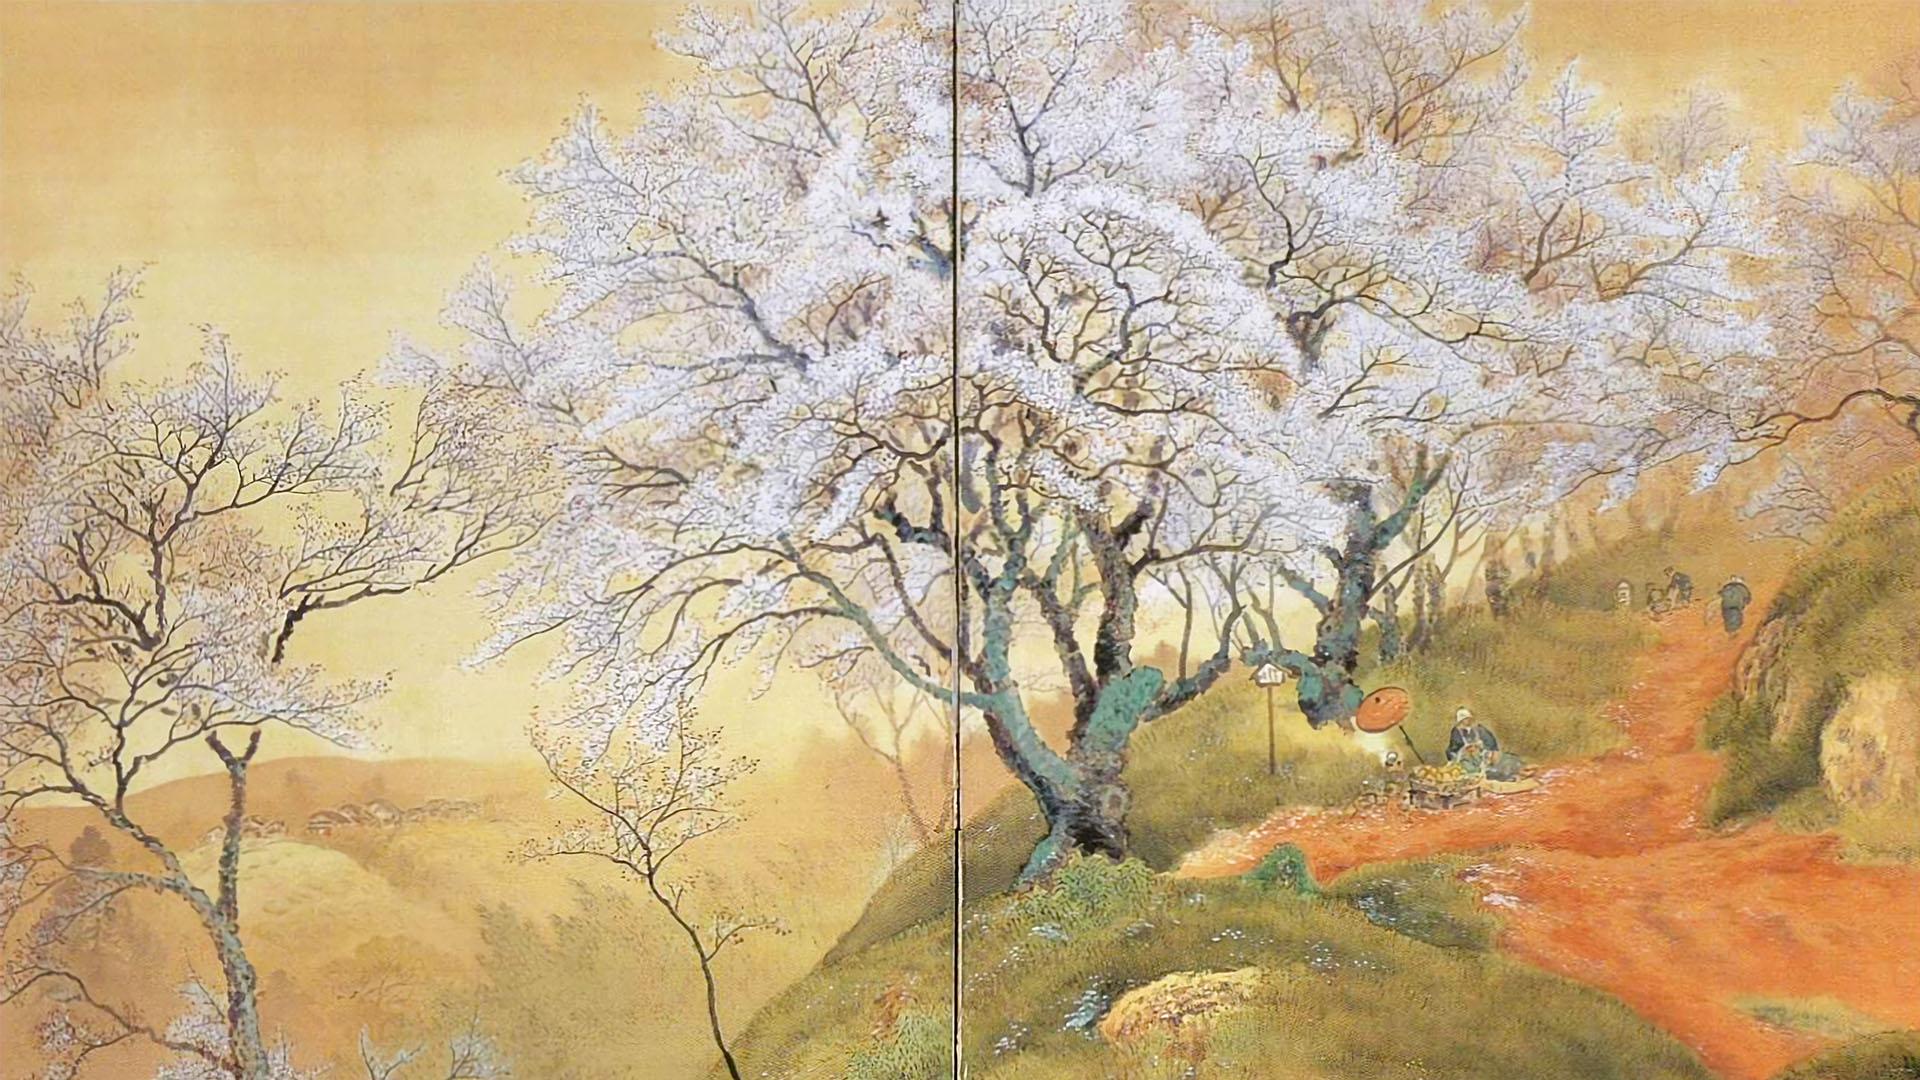 Ono Chikkyou - Hana no yama 1920x1080